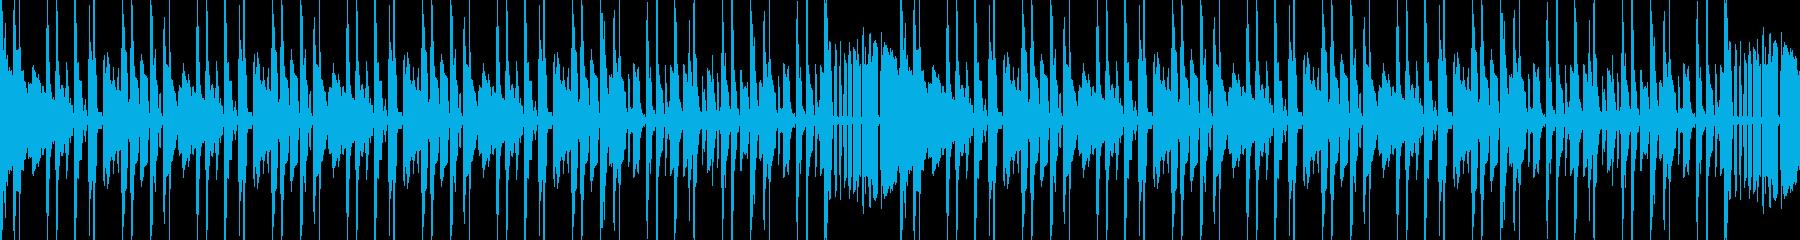 【ぶらり】おっちょこのちょい ループ仕様の再生済みの波形